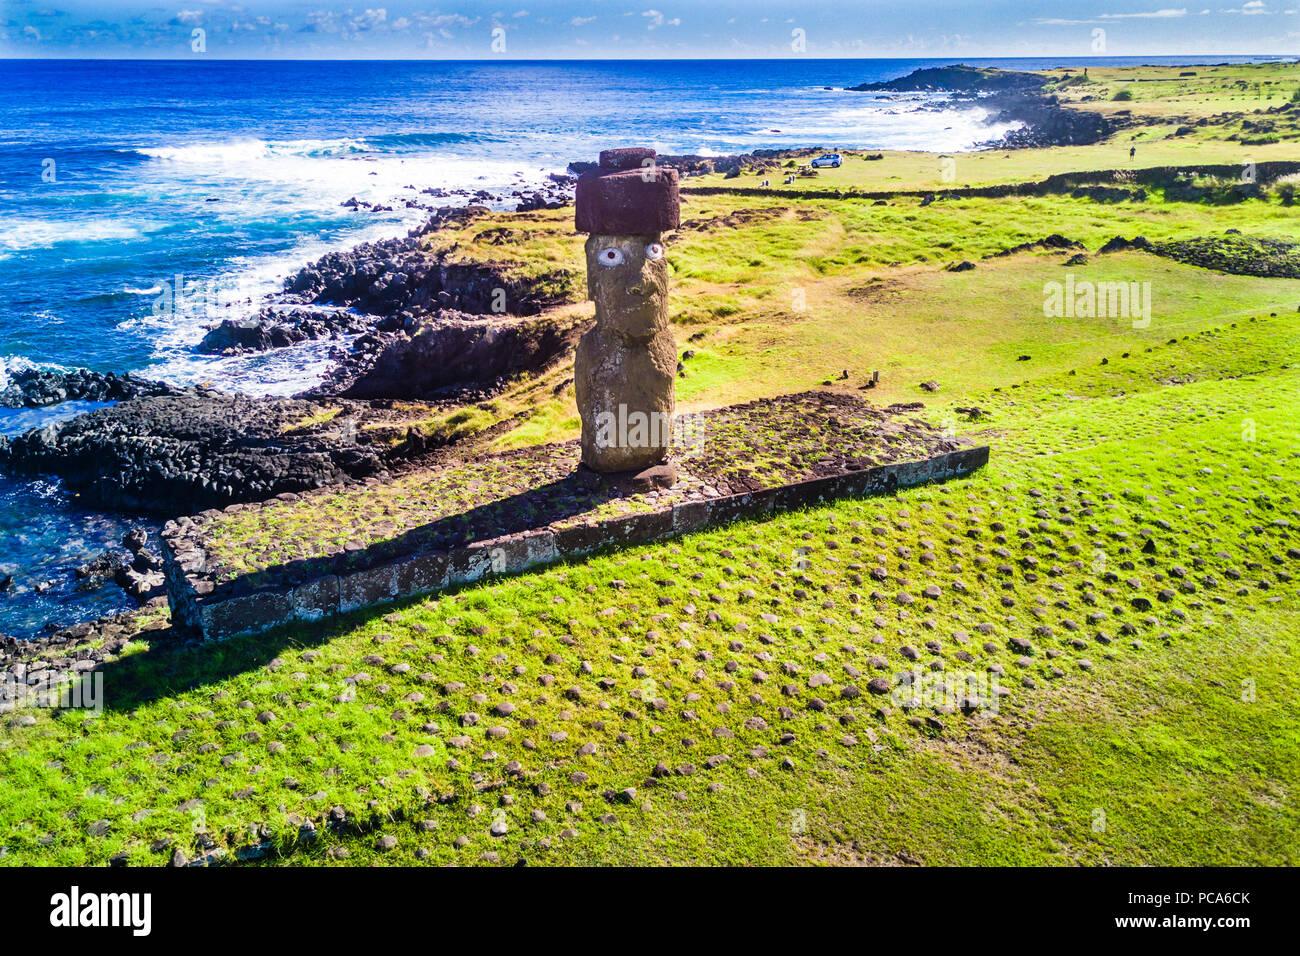 Una veduta aerea Ahu Tahai da soli Moai a Hanga Roa, Isola di Pasqua. Questo è l'unico dipinto con gli occhi come è stato in passato. Immagini Stock